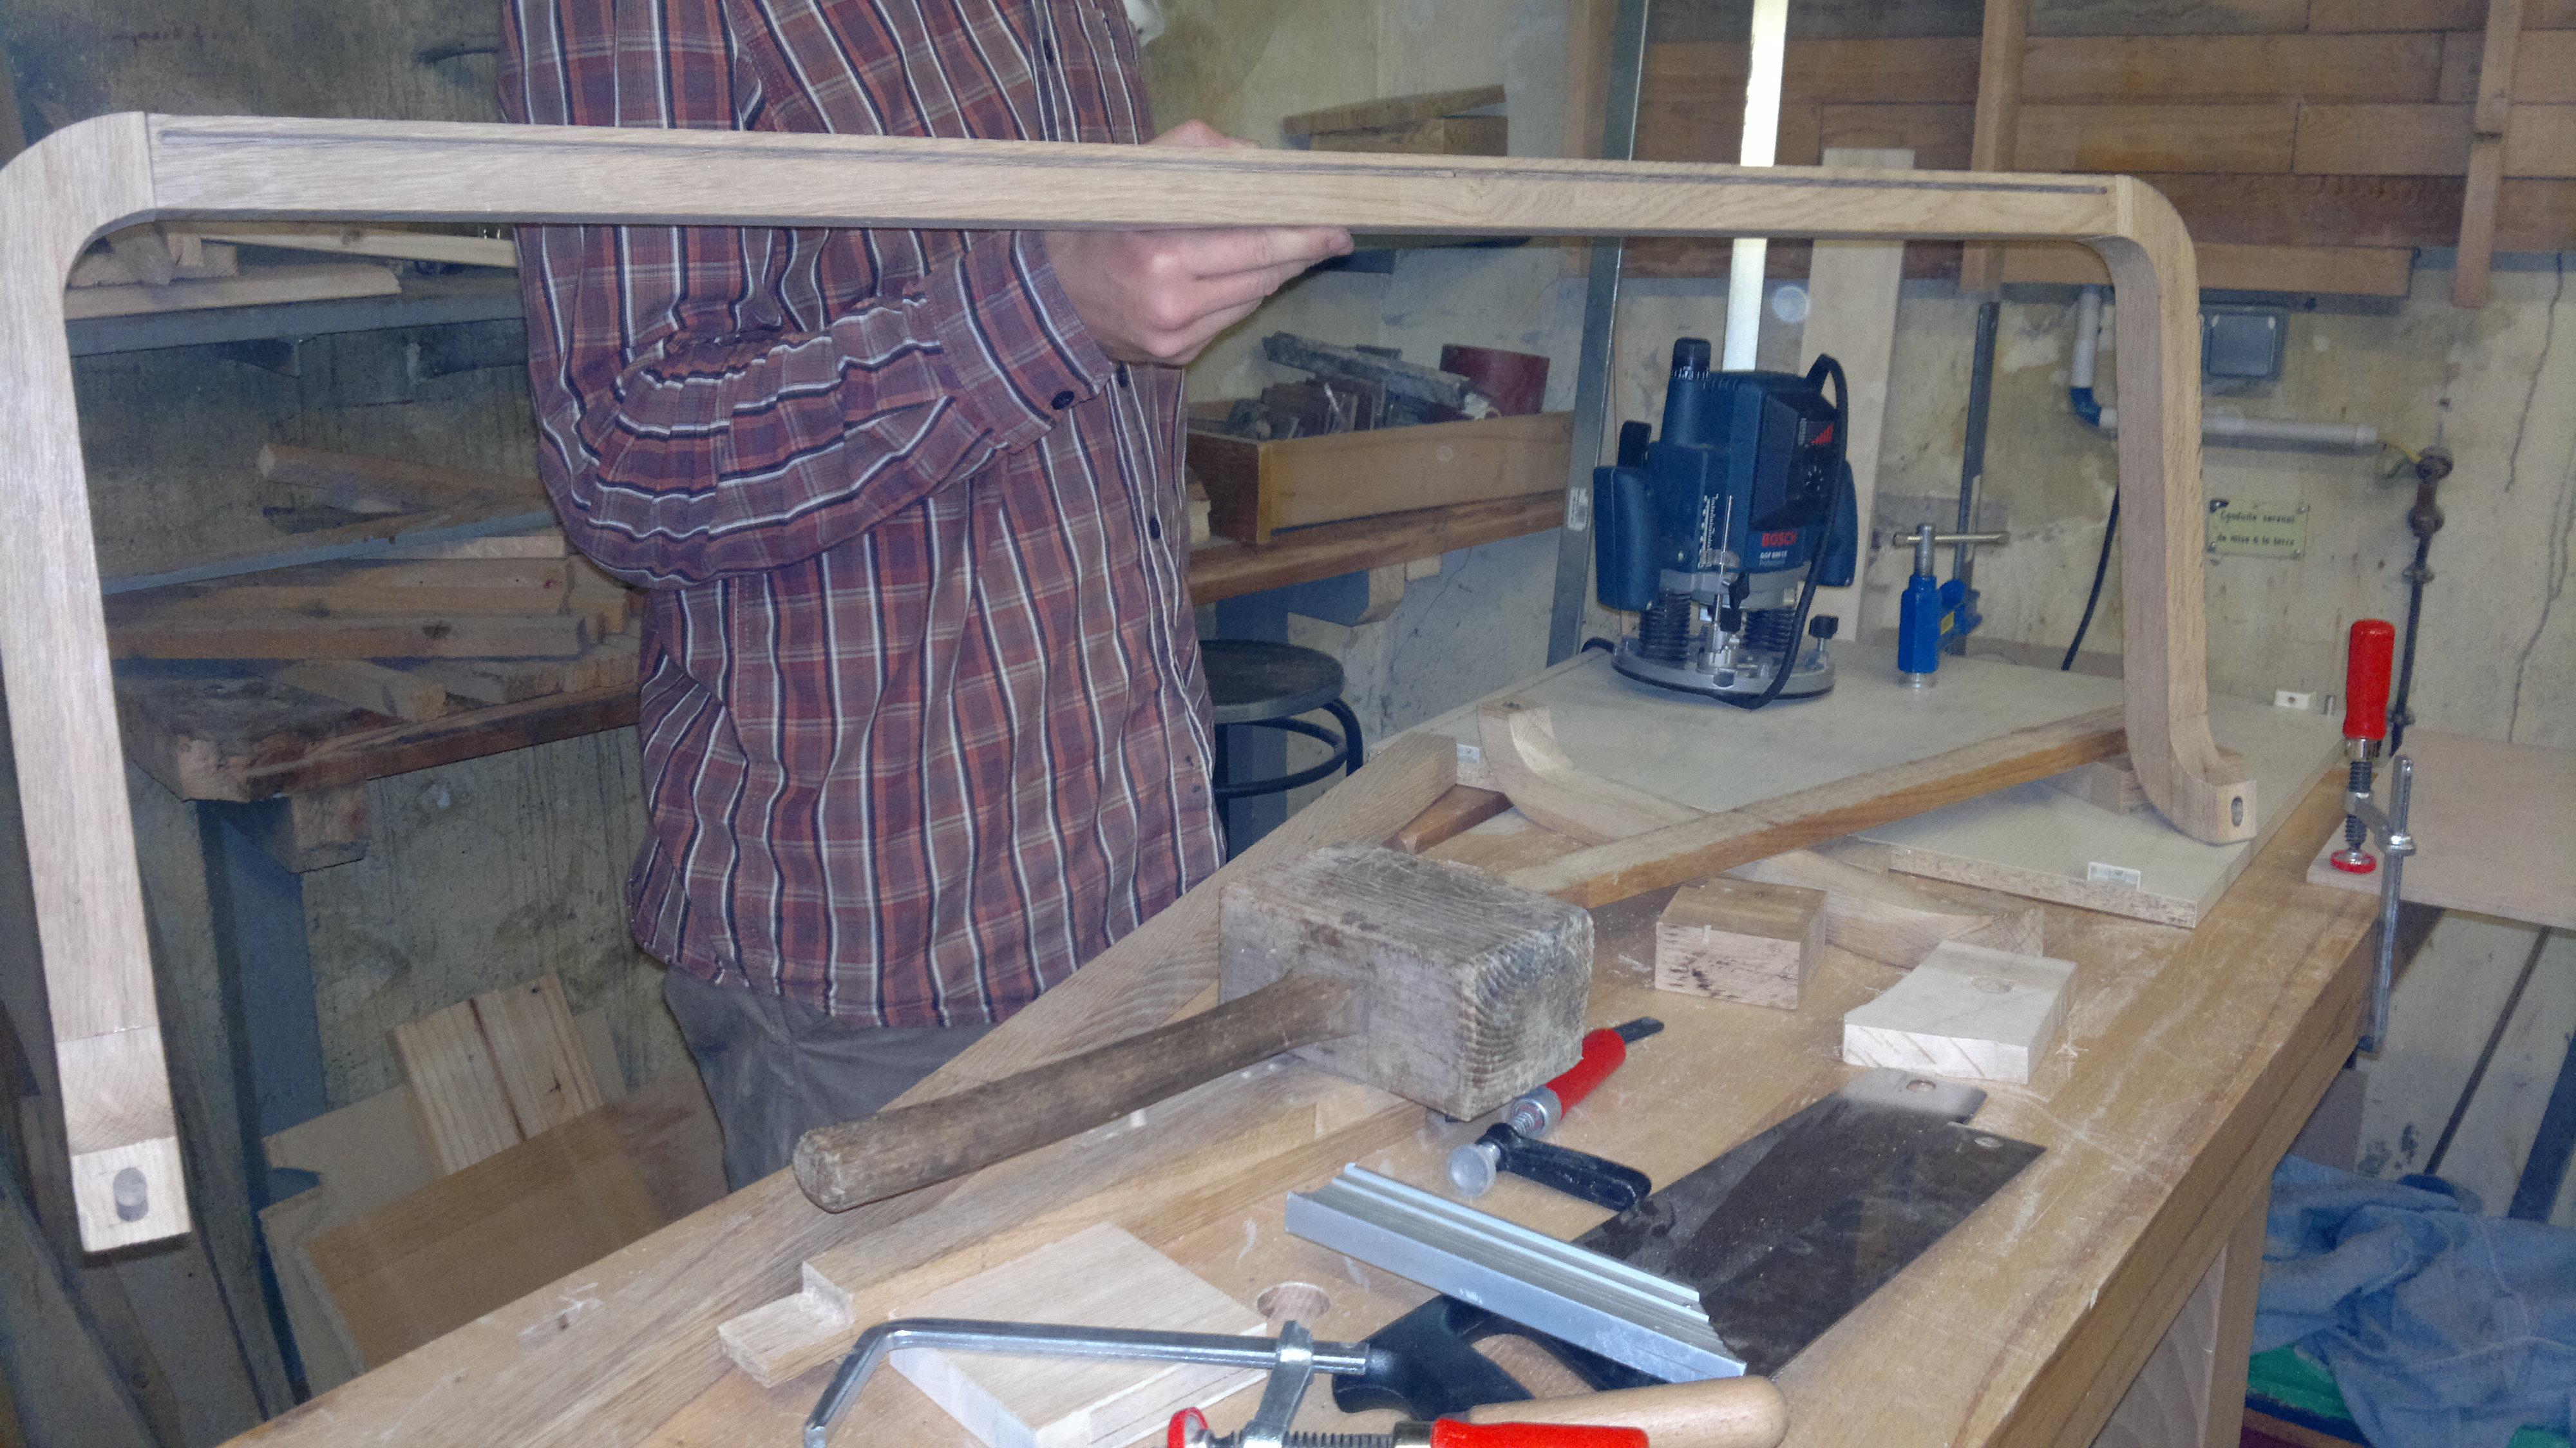 Atelier accompagn fabrication de meuble ou d 39 objet en bois l 39 ta - Fabrication objet en bois ...